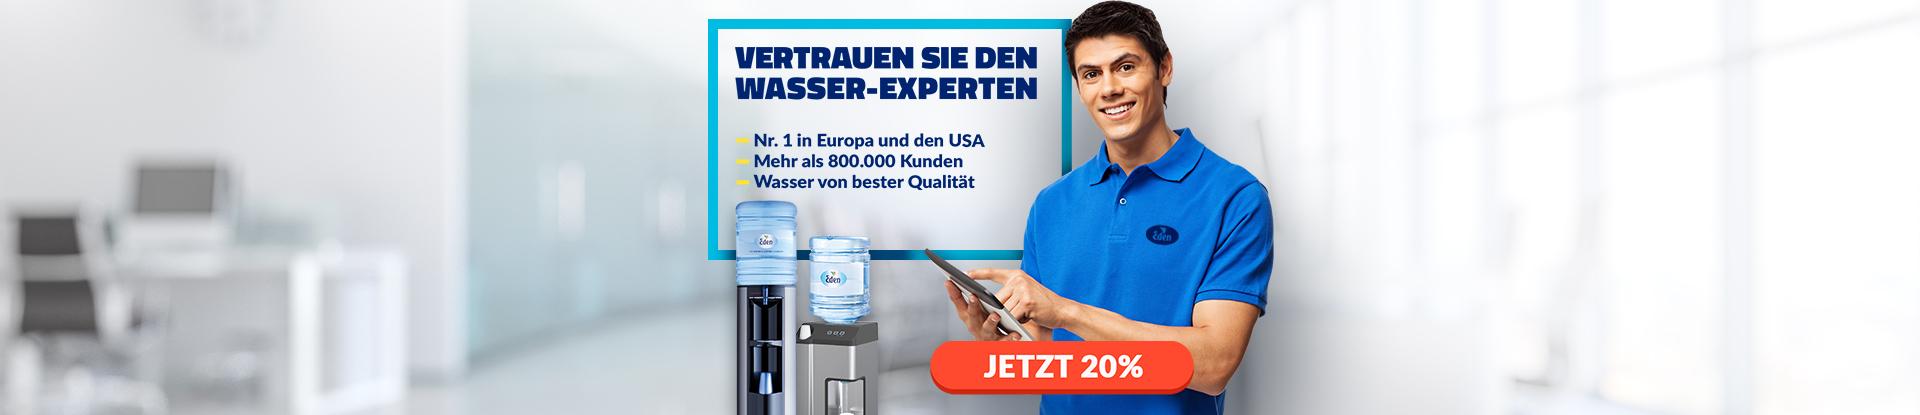 Wasserexperten